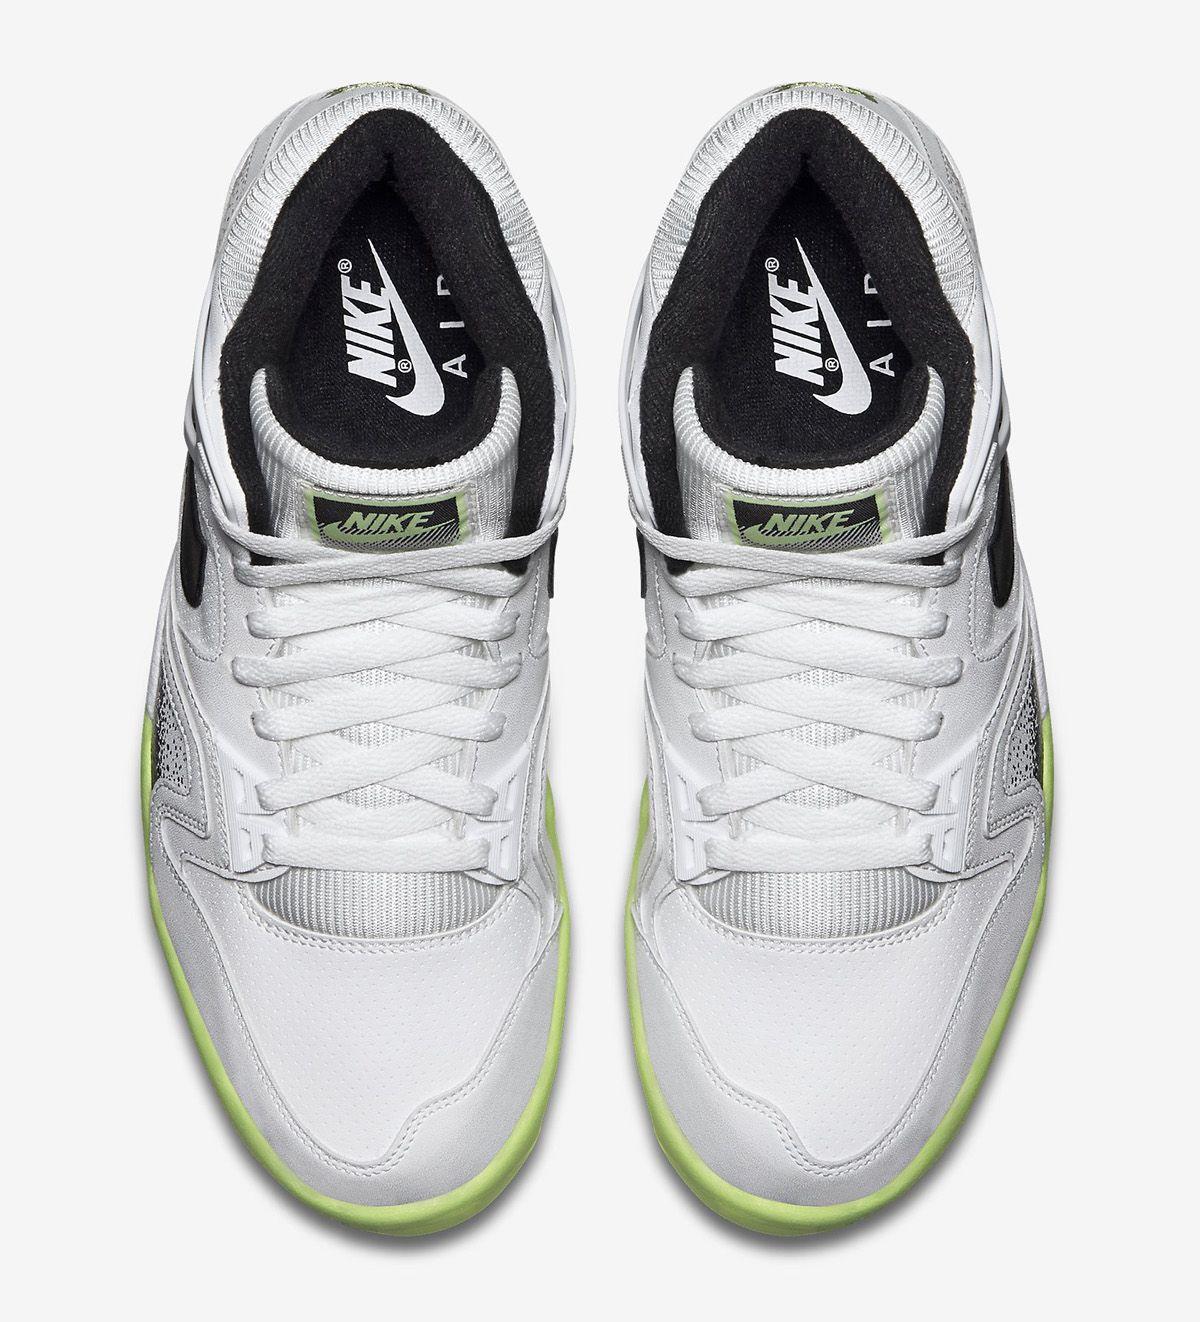 Nike Air Tech Challenge II (Spring/Summer 2015 Sneaker